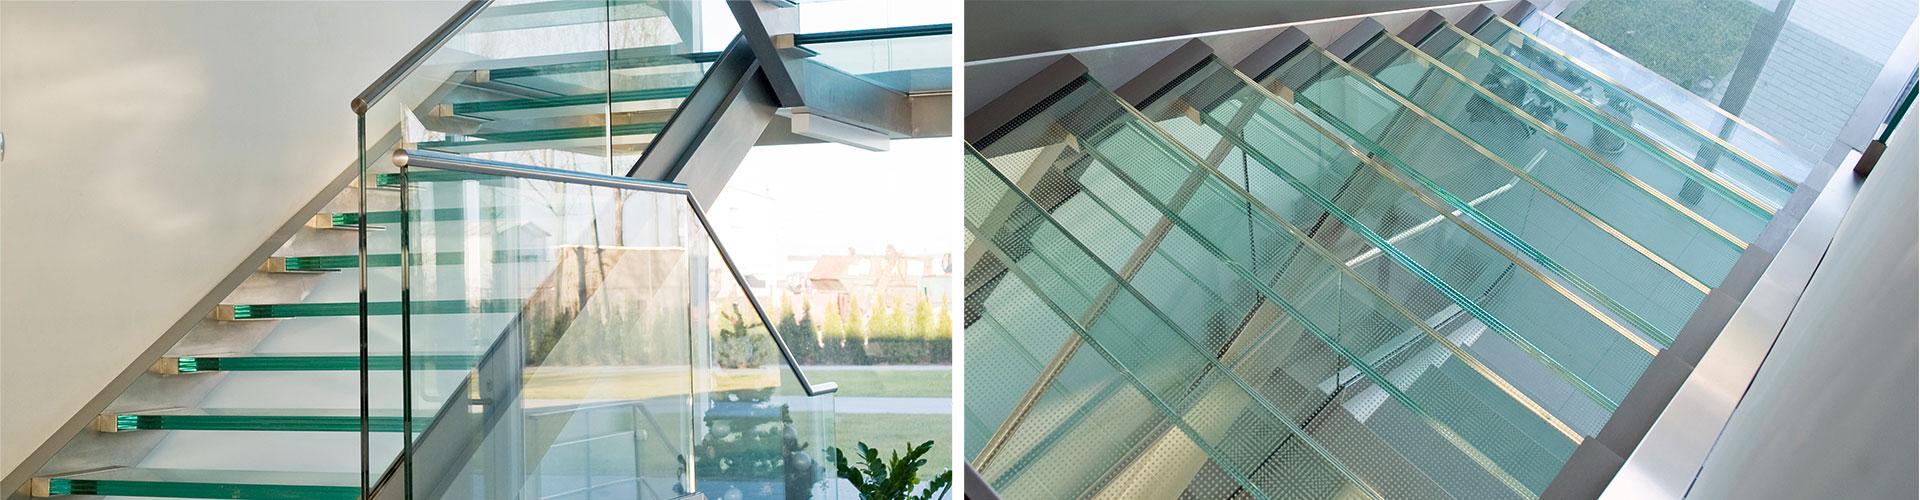 weiterverarbeitung und handel von glas uv verklebtes glas esg glas vsg glas siebdruck und. Black Bedroom Furniture Sets. Home Design Ideas